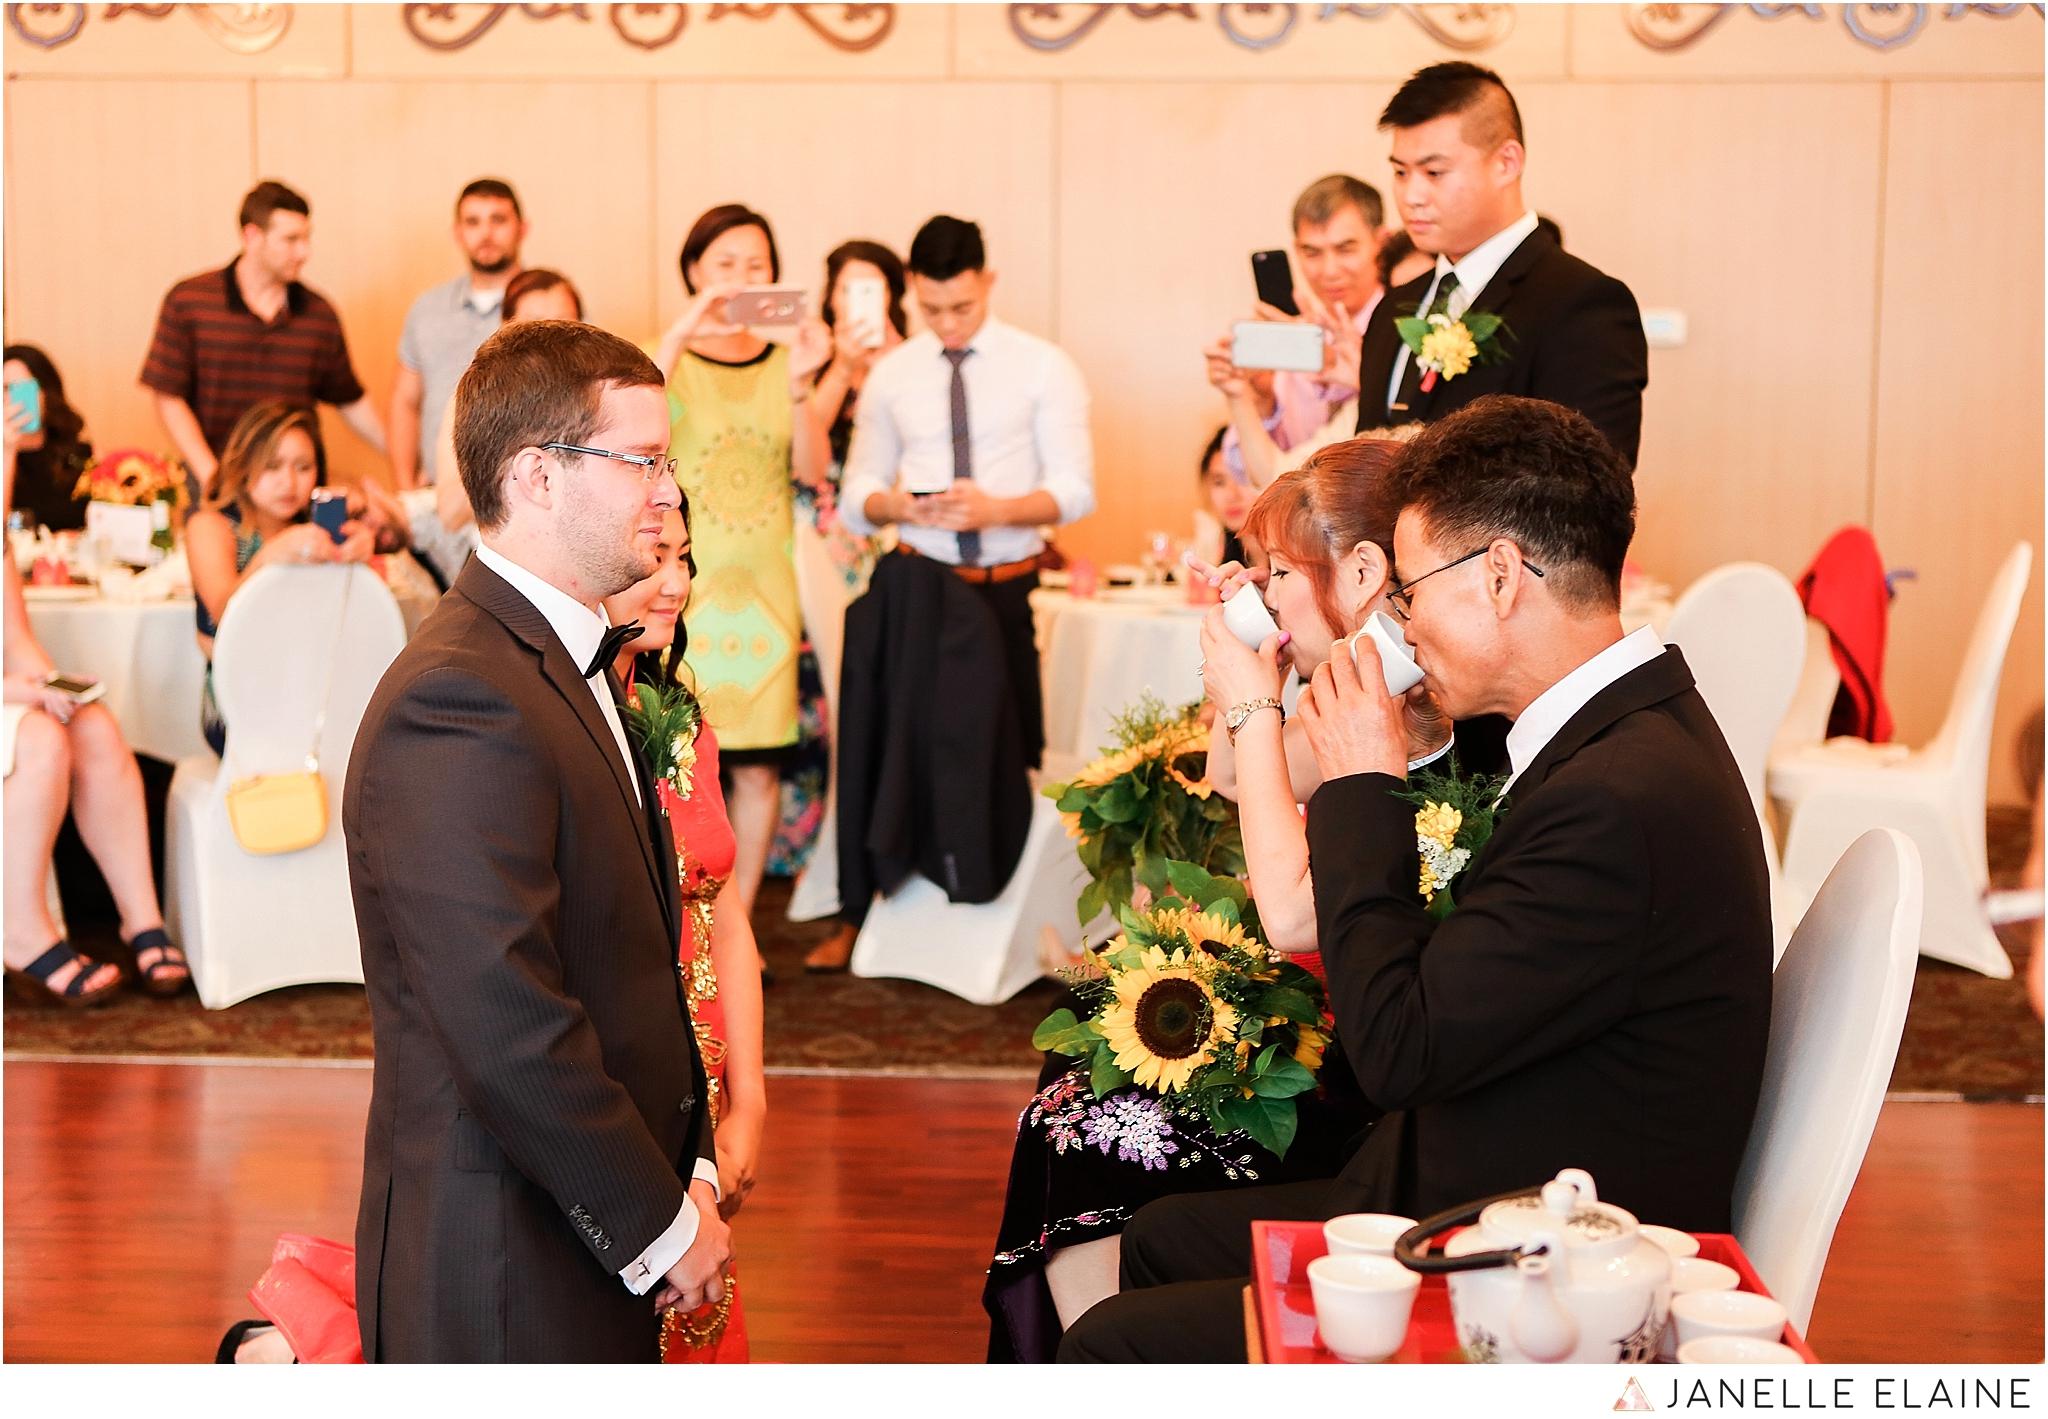 janelle elaine photography-professional wedding photographer seattle--125.jpg